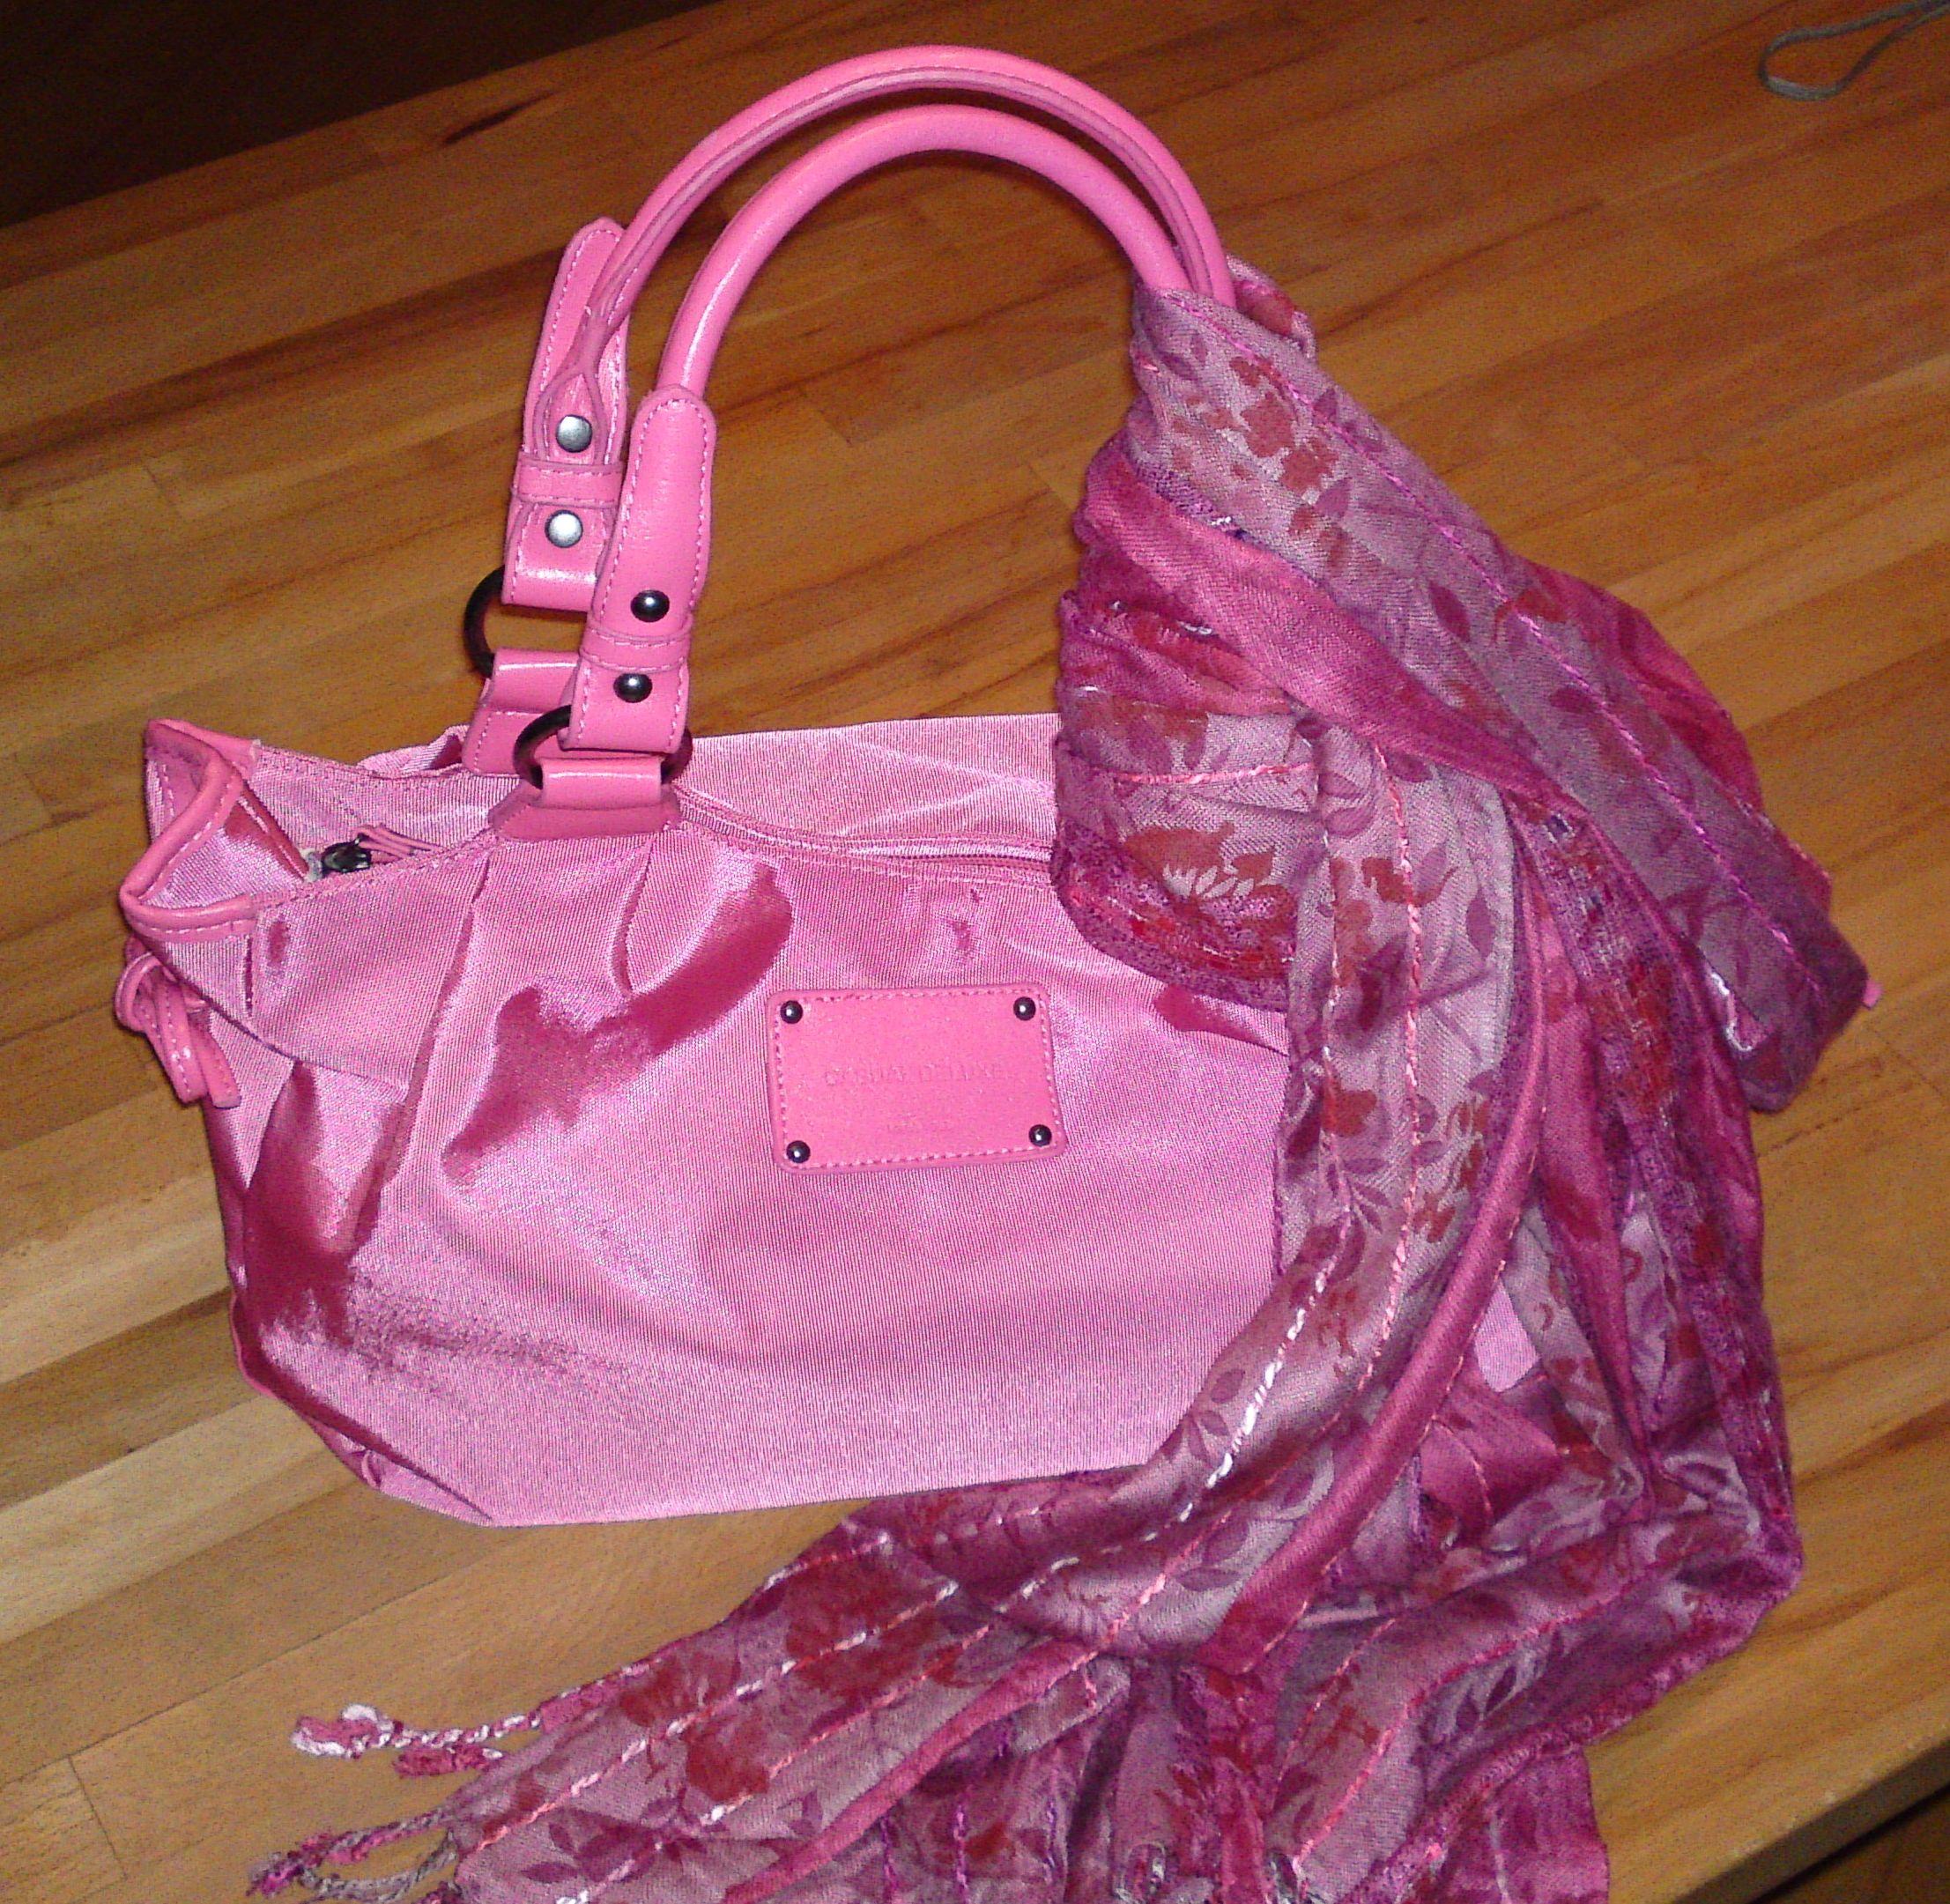 handtasche-21-10-09